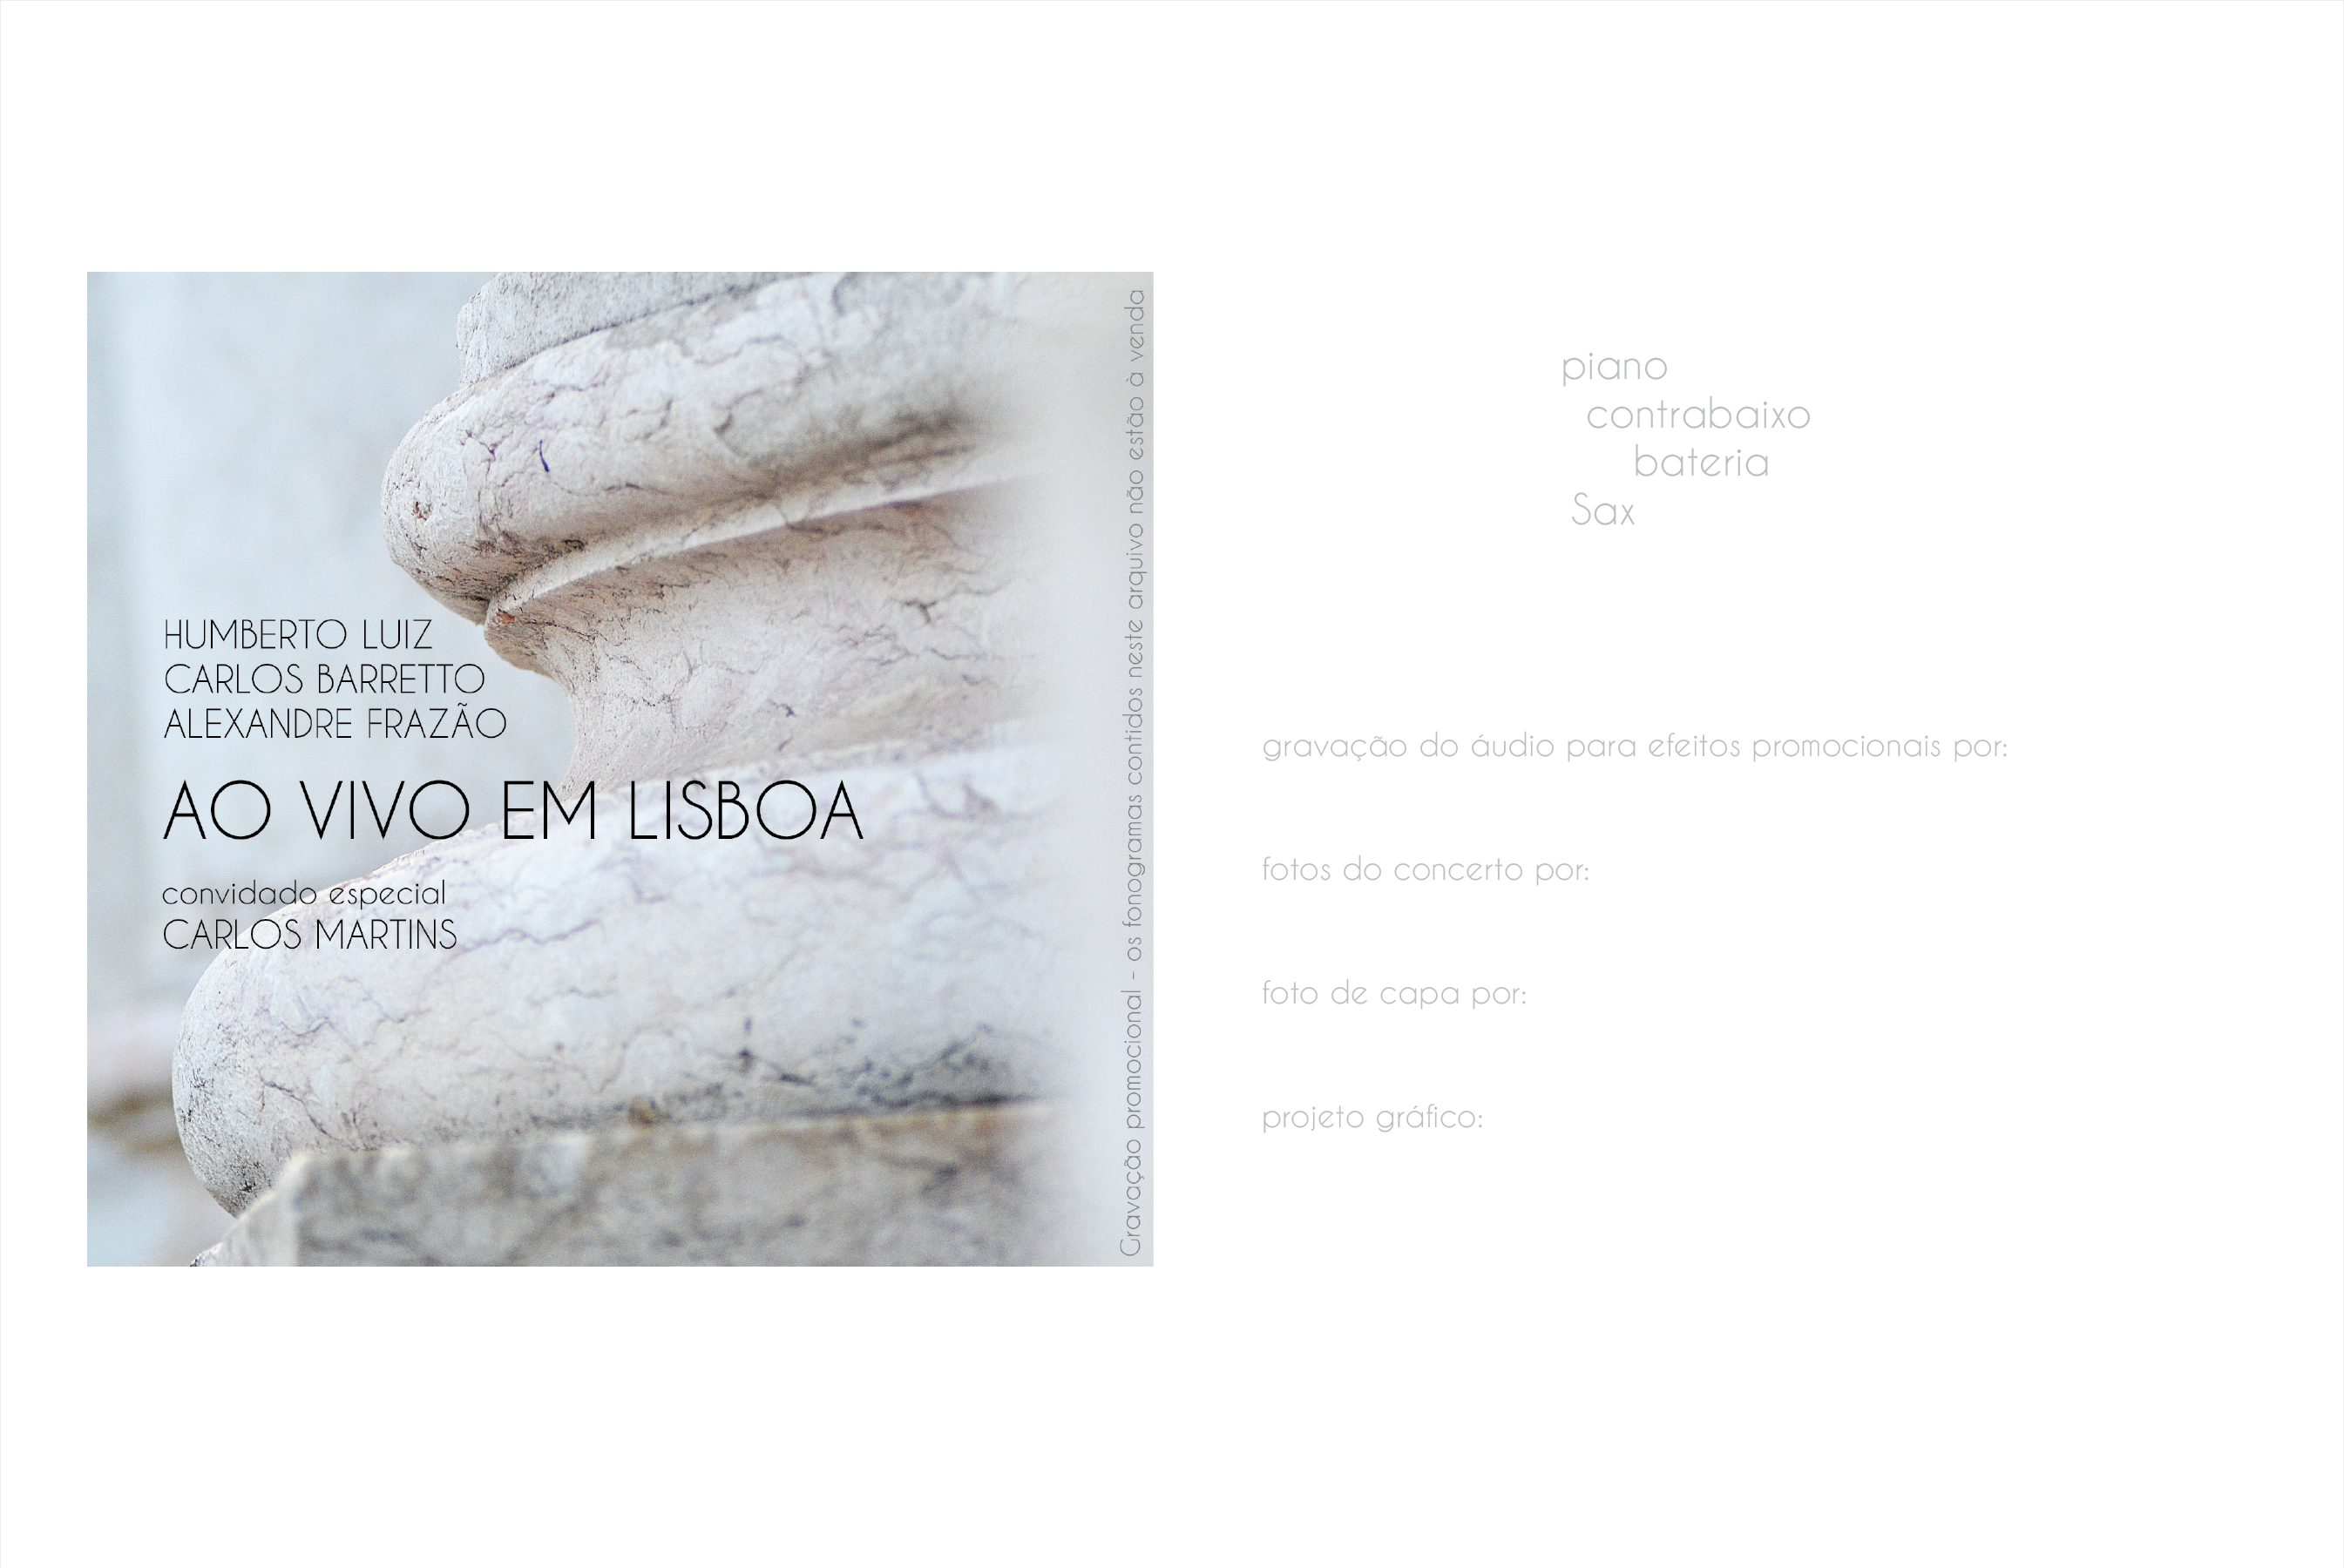 CD - Ao vivo em Lisboa